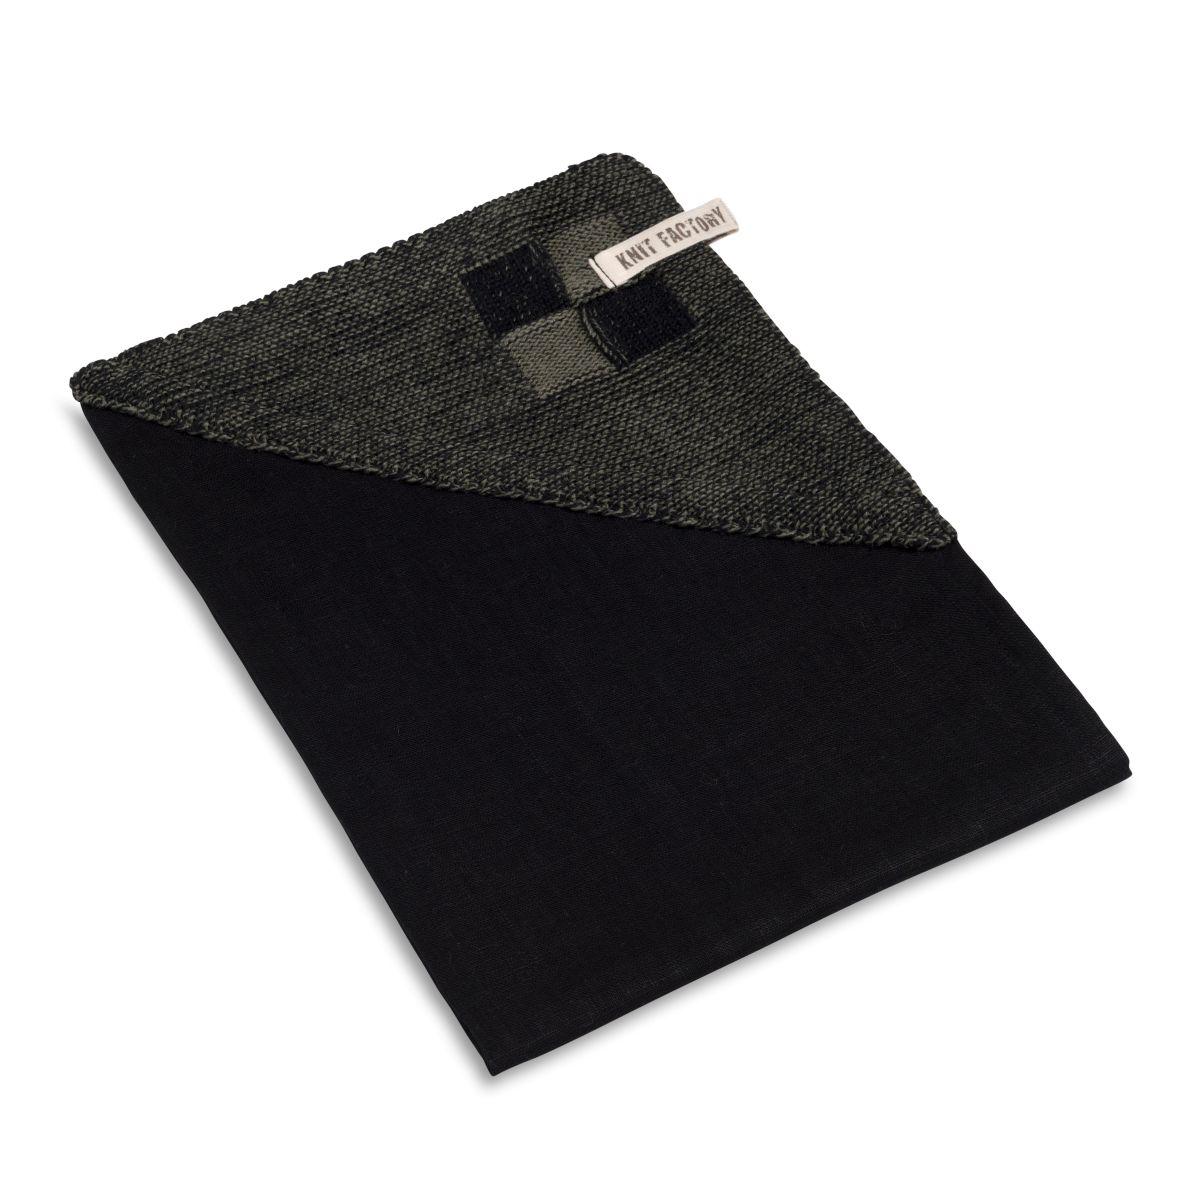 geschirrtuch block schwarzkhaki